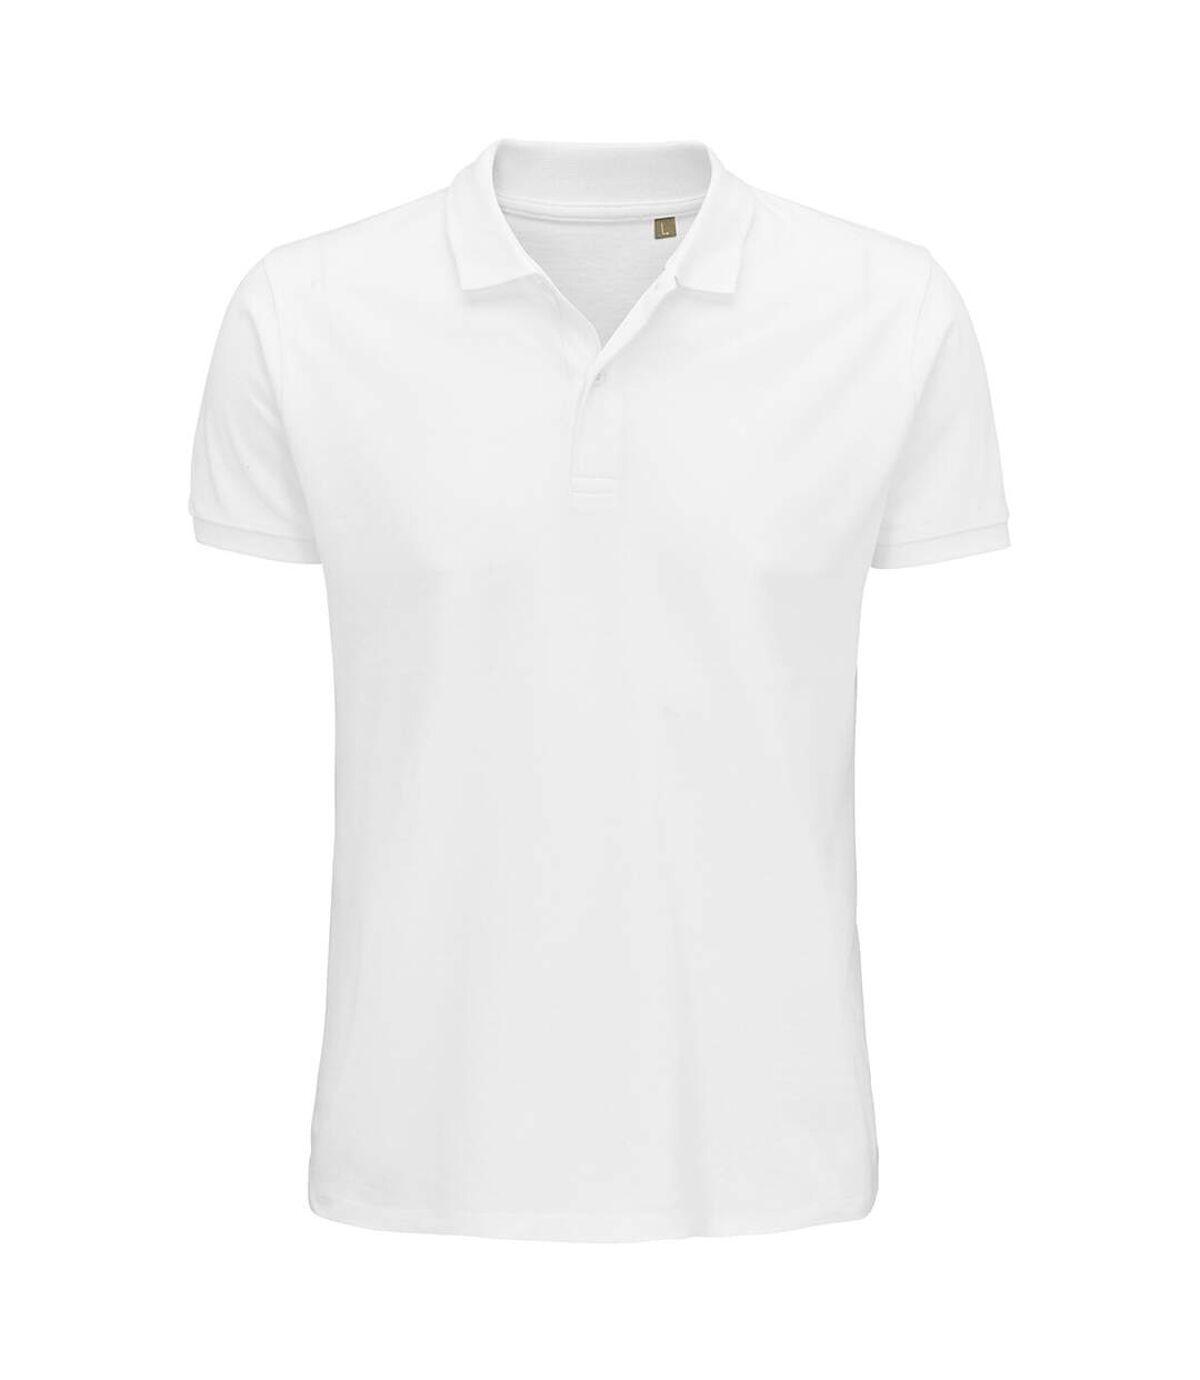 SOLS Mens Planet Pique Organic Polo Shirt (White) - UTPC4362